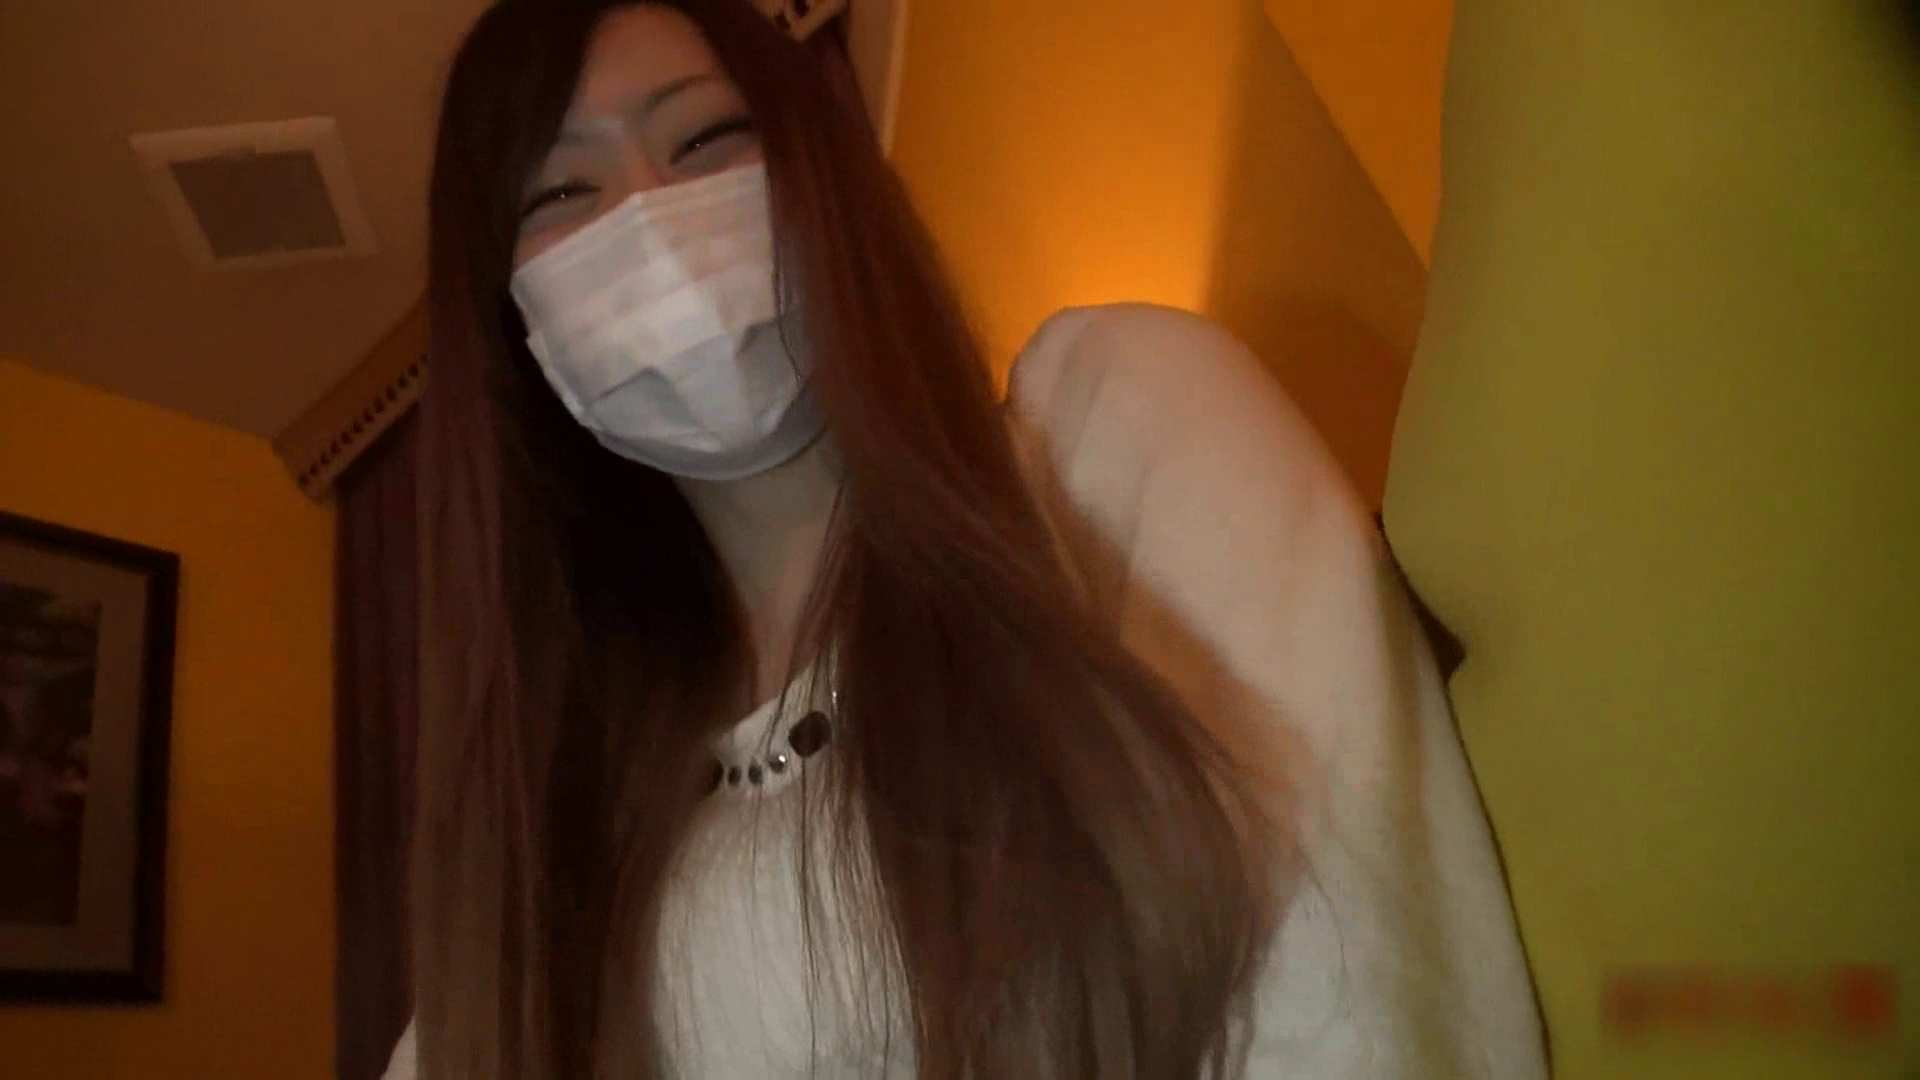 淫乱ギャル~エロい事を教えてあげる Vol.04 前編 ギャルのエロ動画  95PIX 2